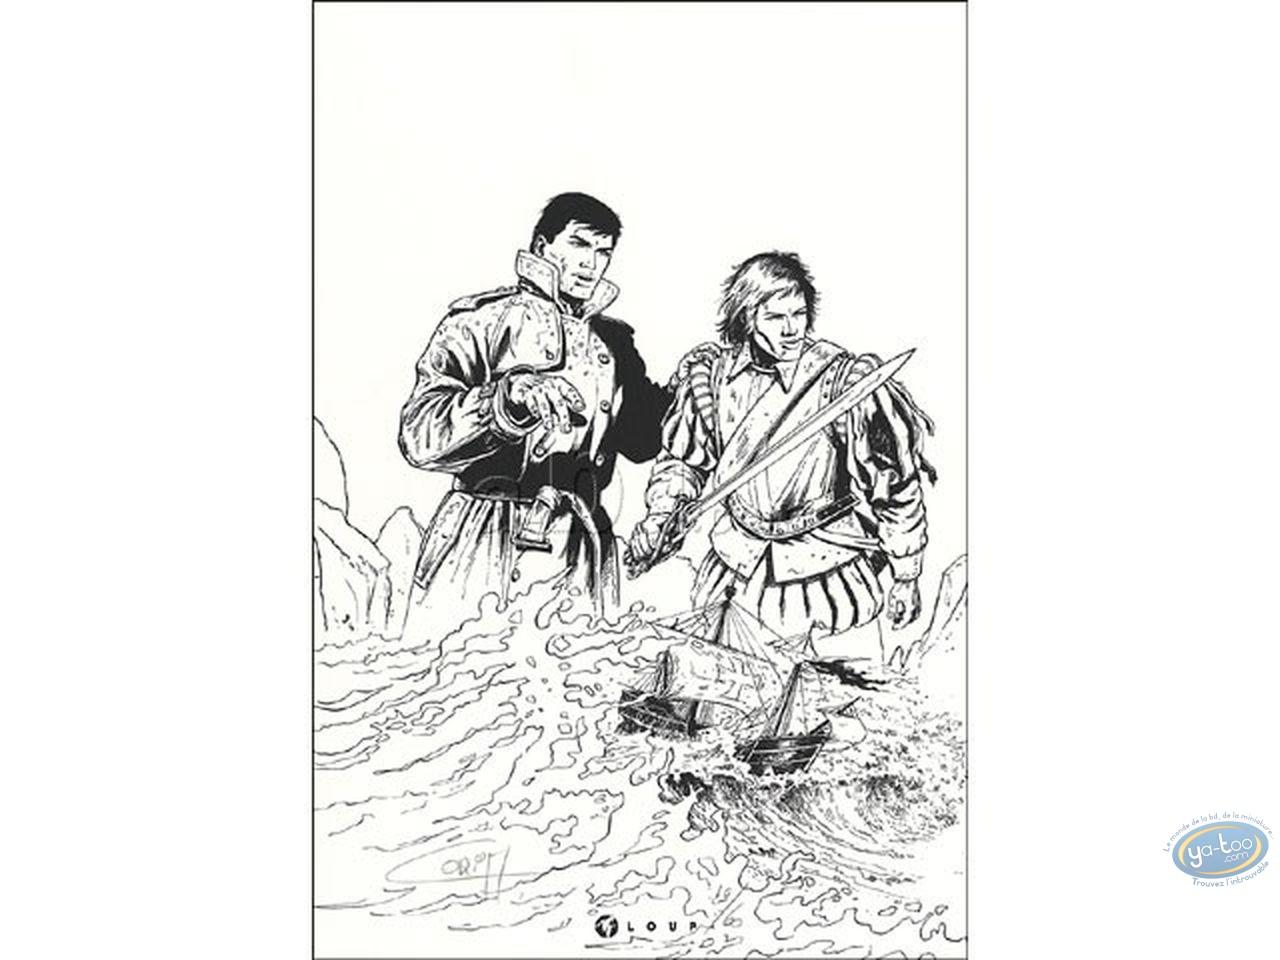 Bookplate Serigraph, Bob Morane : Coria, Bob Morane & Vega (n&b)